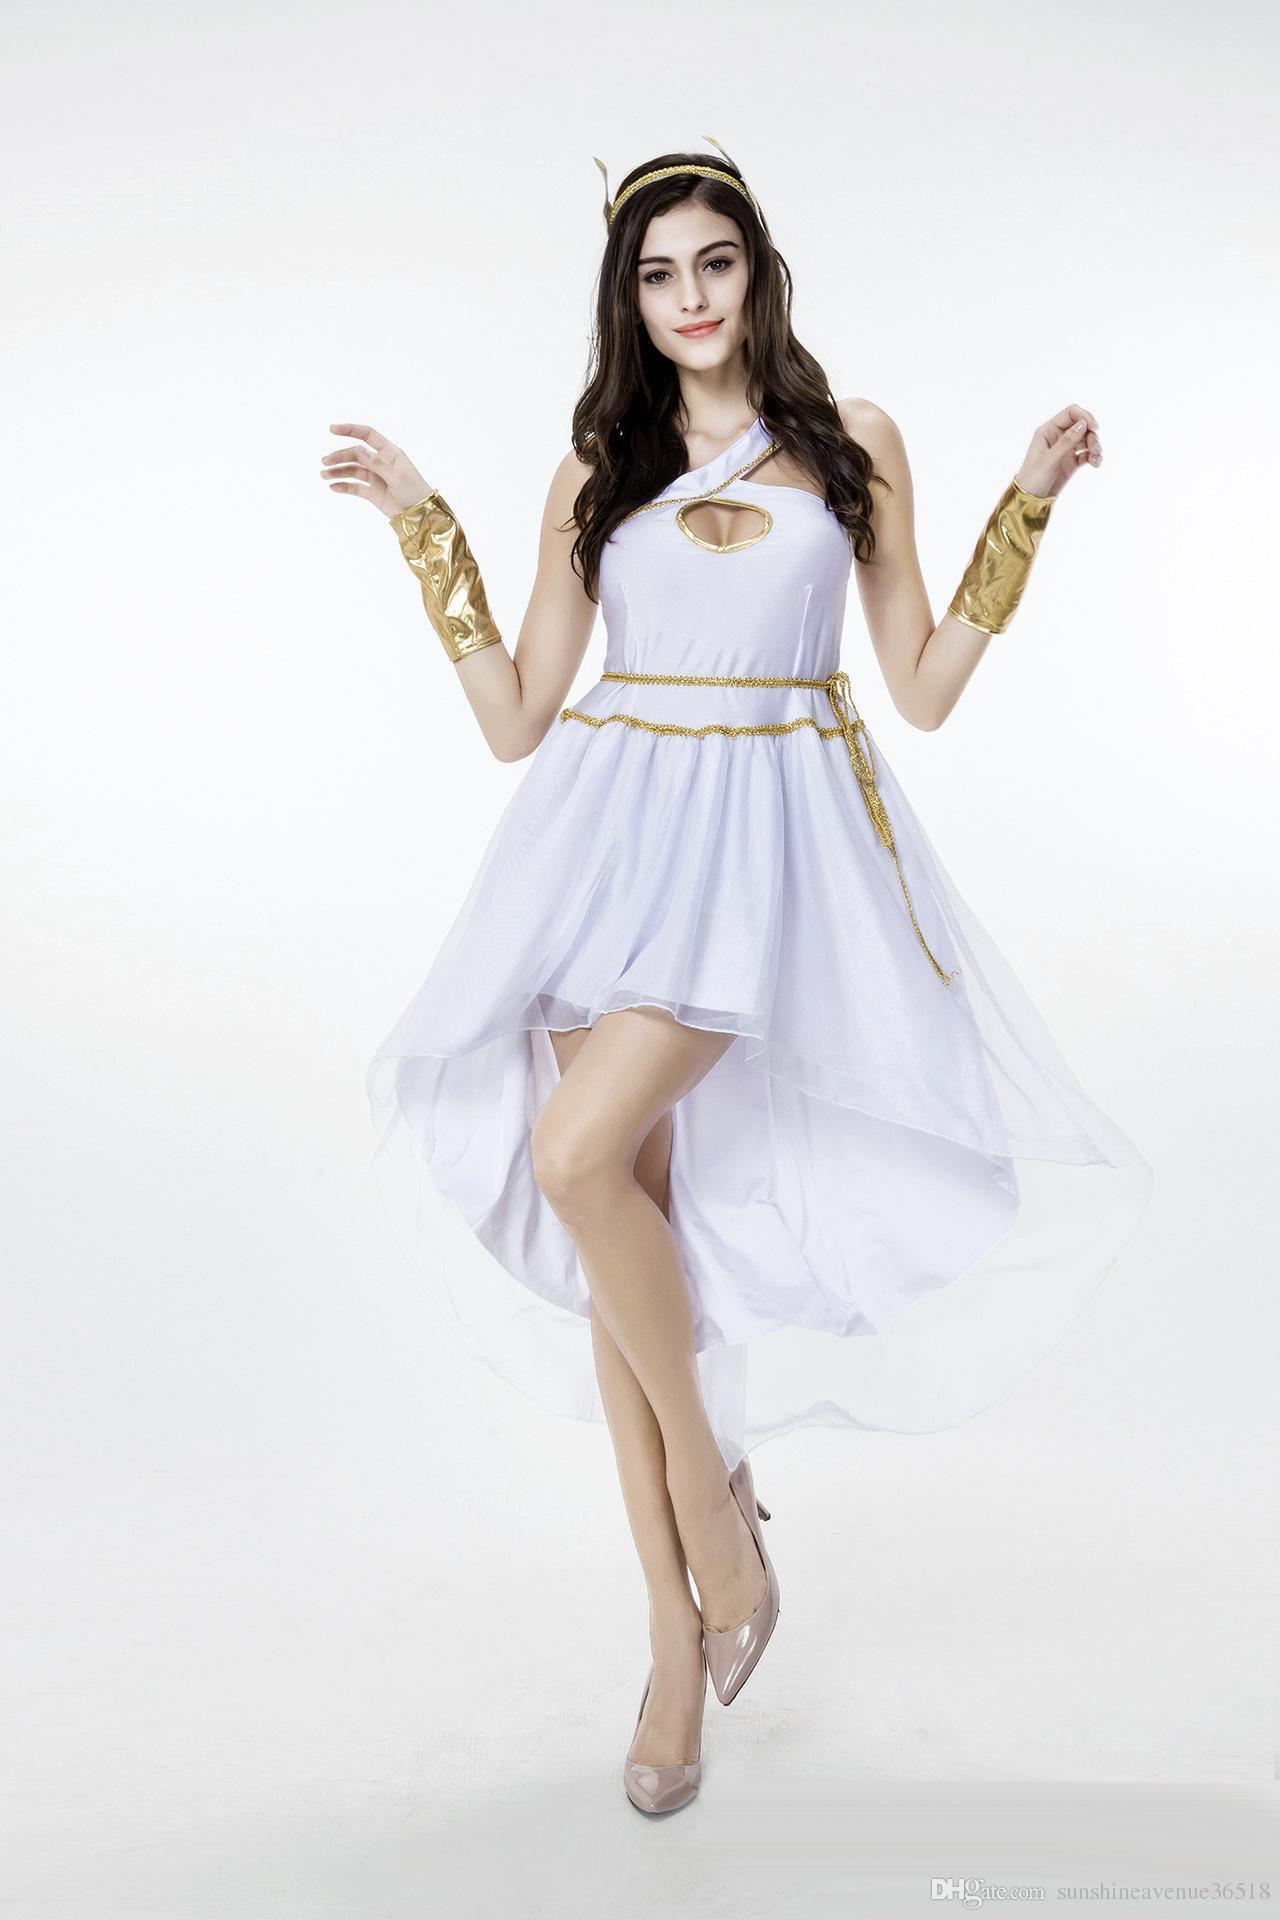 2017 neue Ankunft Erwachsene Frauen Griechische Göttin Kleid Weiß Sexy Cosplay Halloween Kostüme Bühnenshow Kleidung Heißer Verkauf